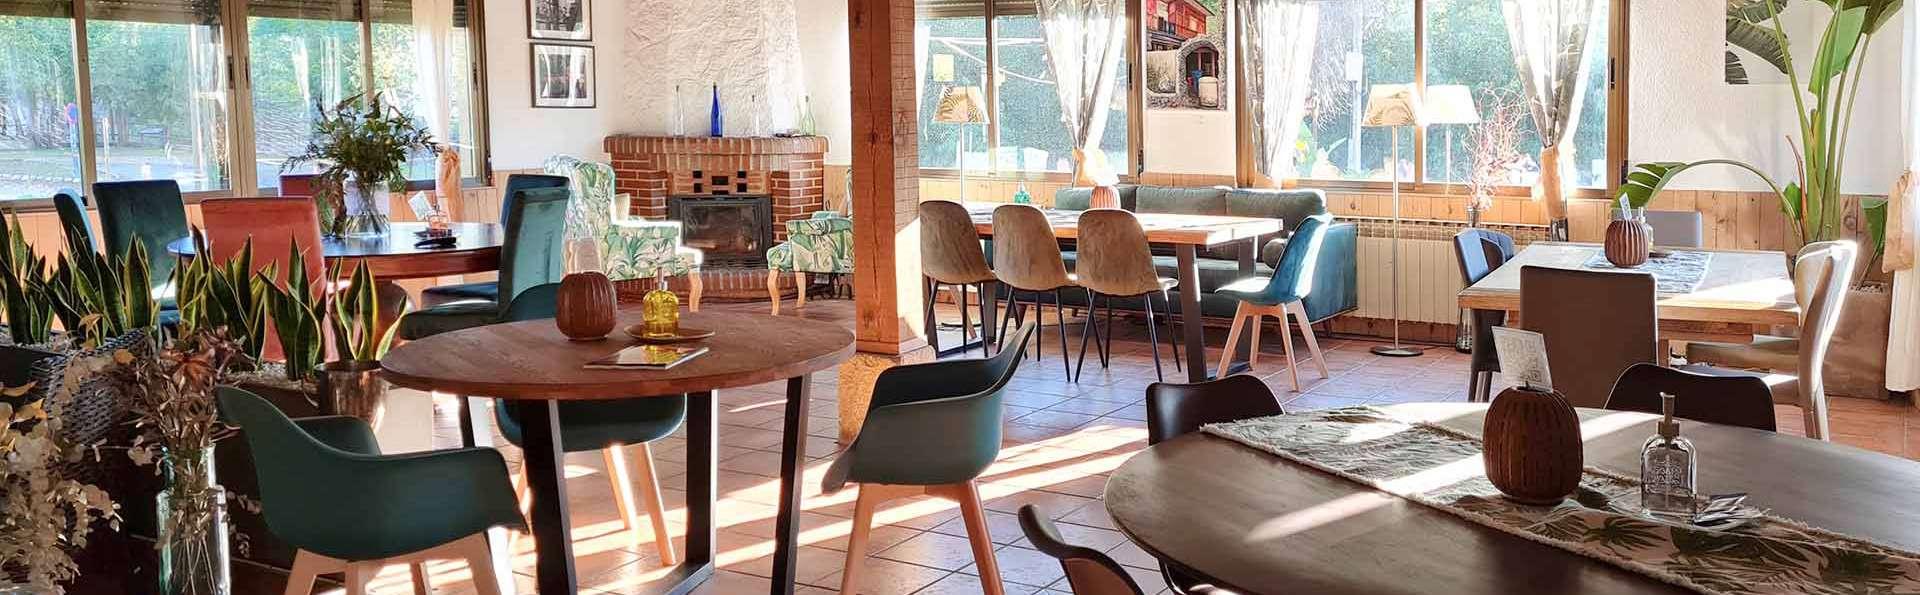 Cena, cava y desconexión total en hotel rural entre Extremadura y Castilla y León